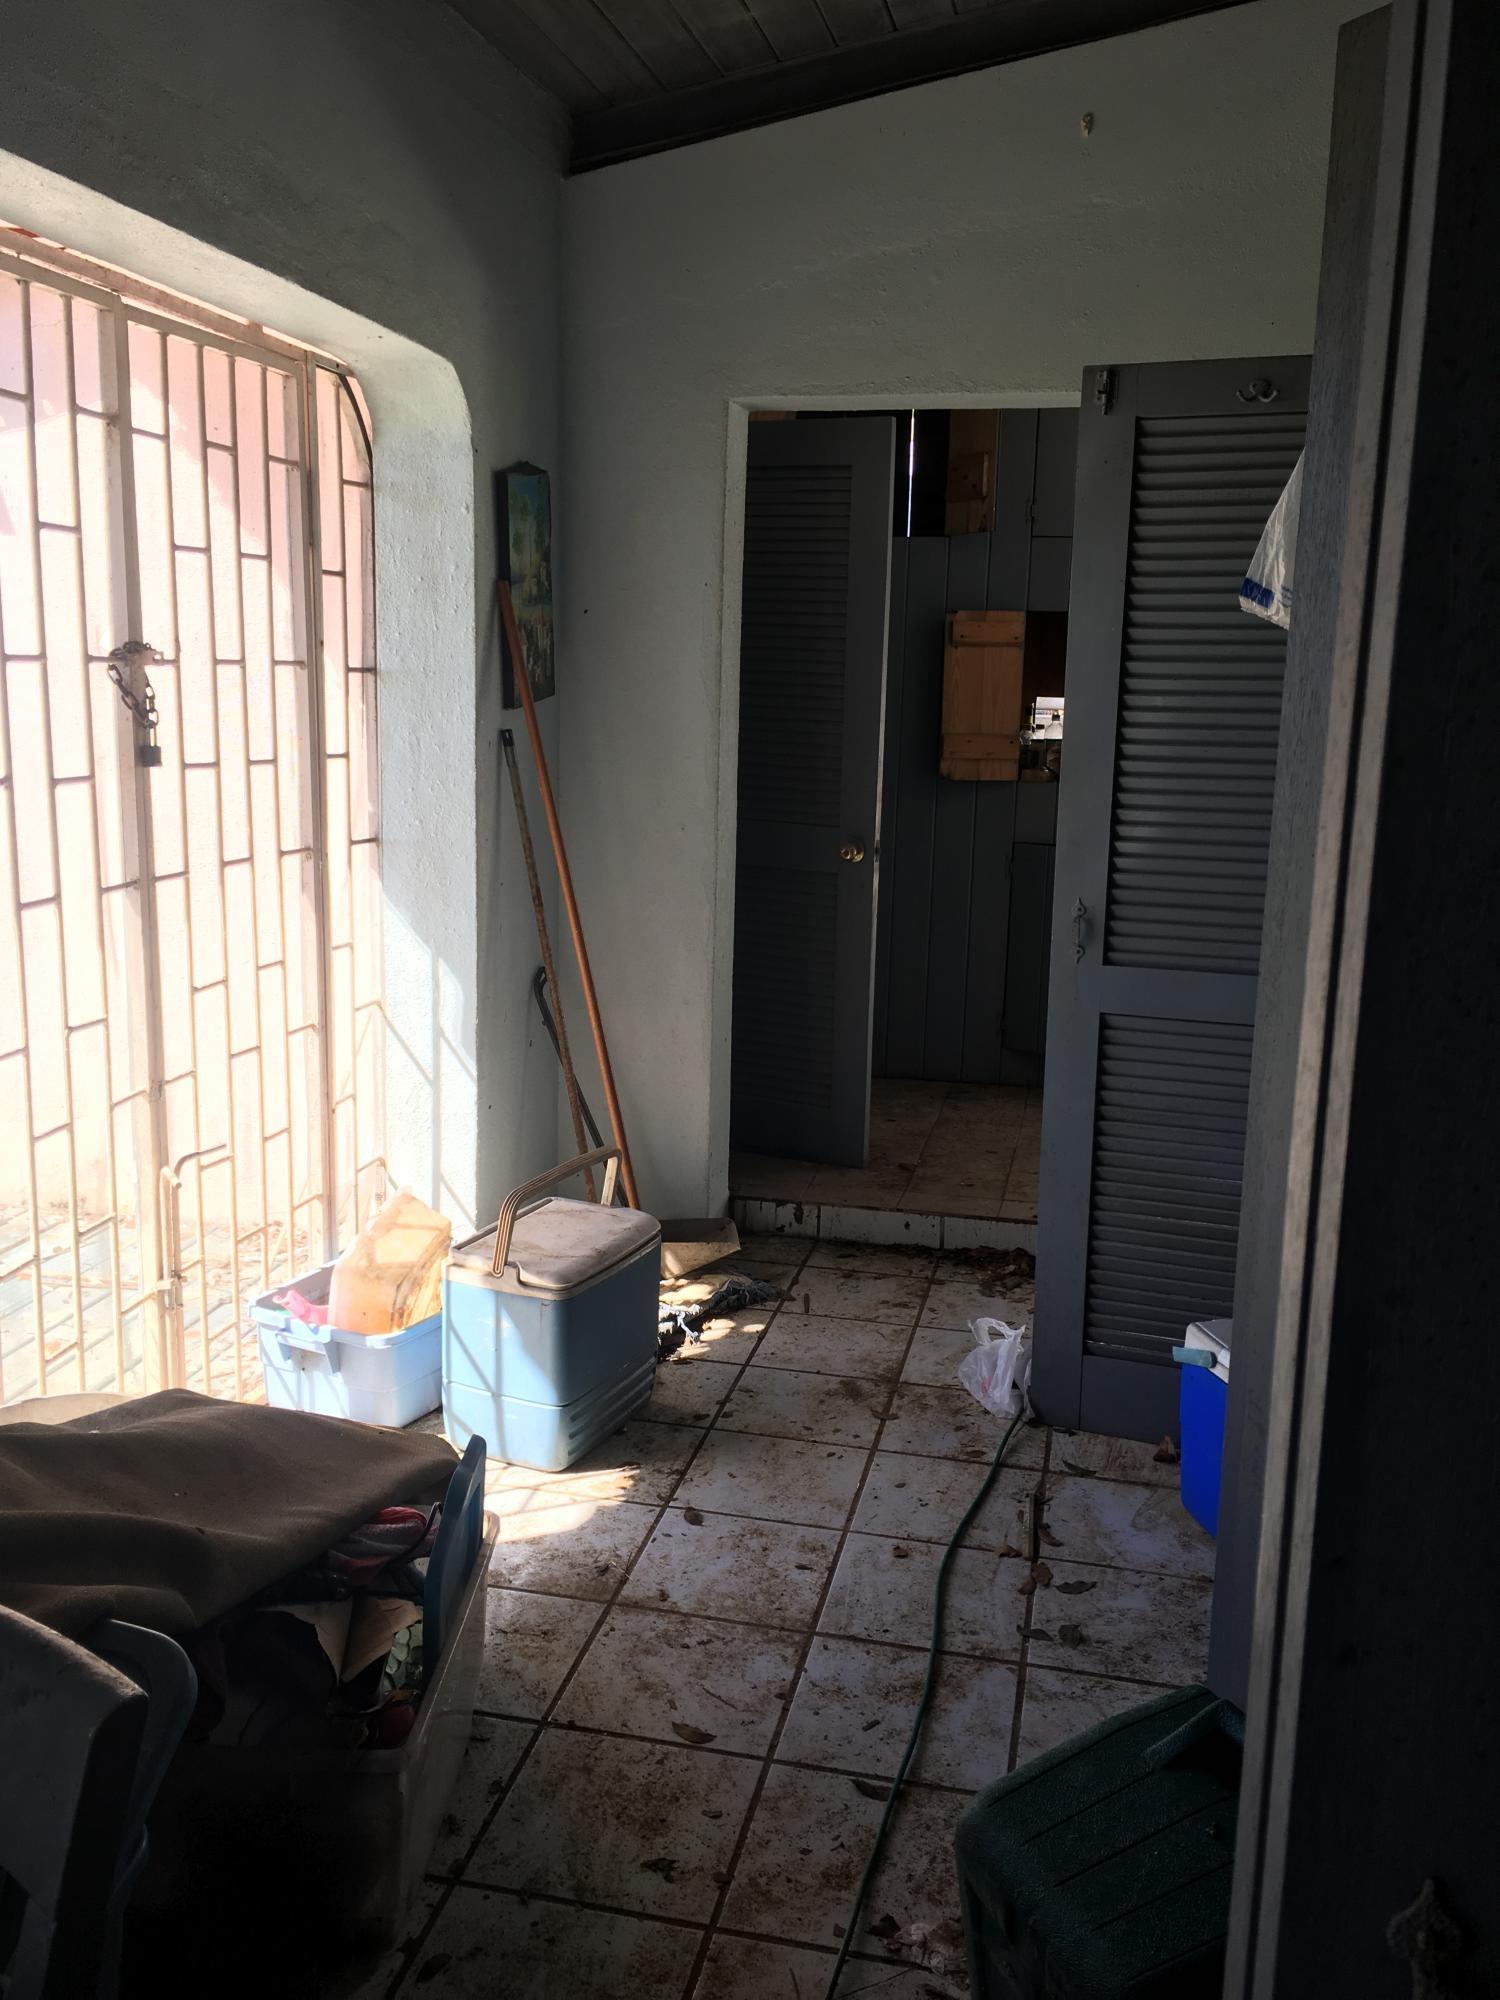 Hallway between bedrooms and kitchen